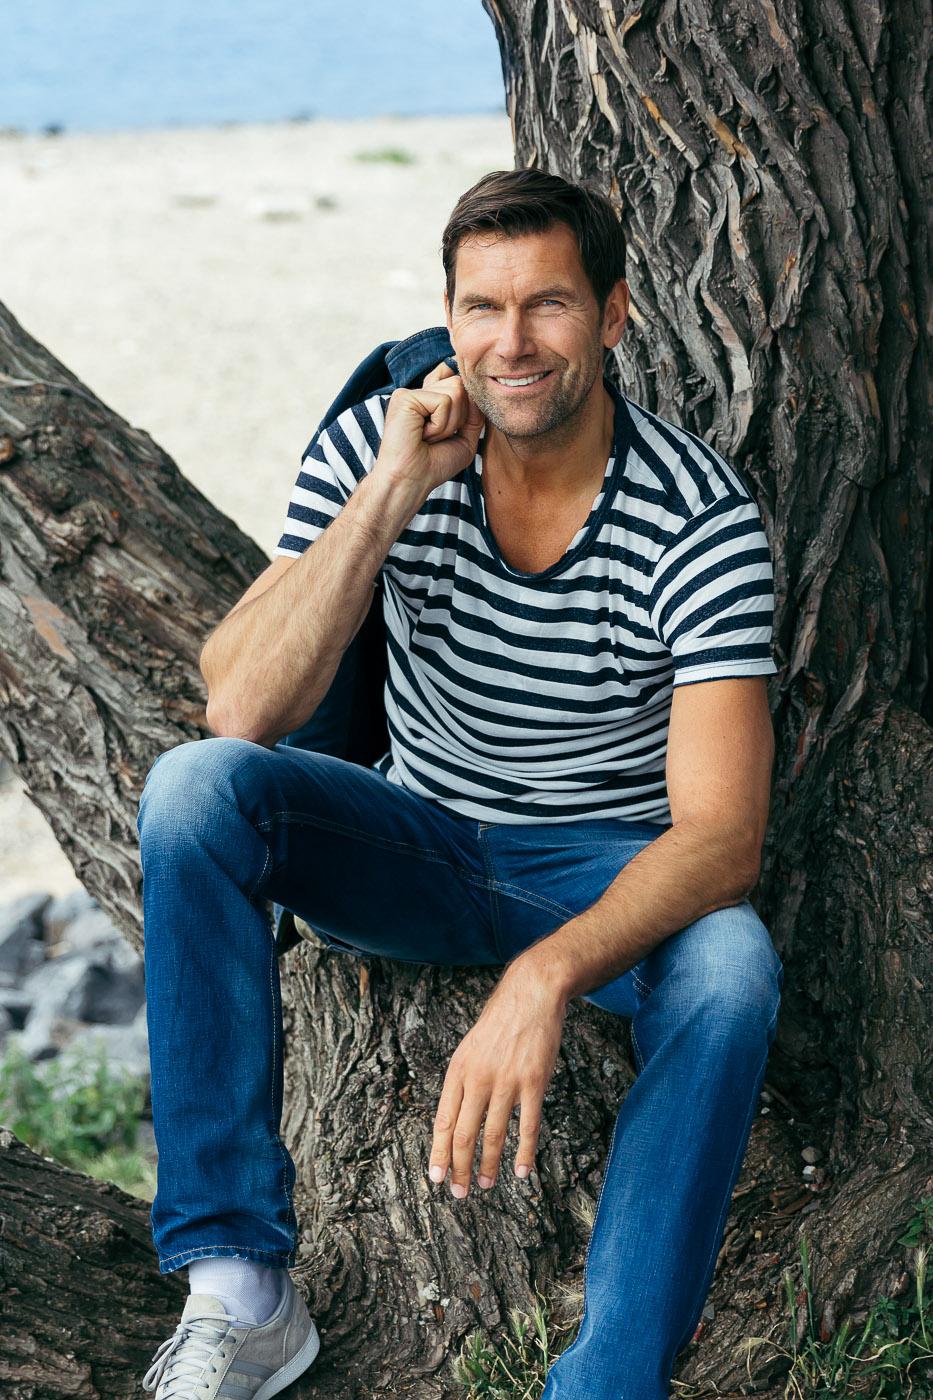 portrait lifestyle male model